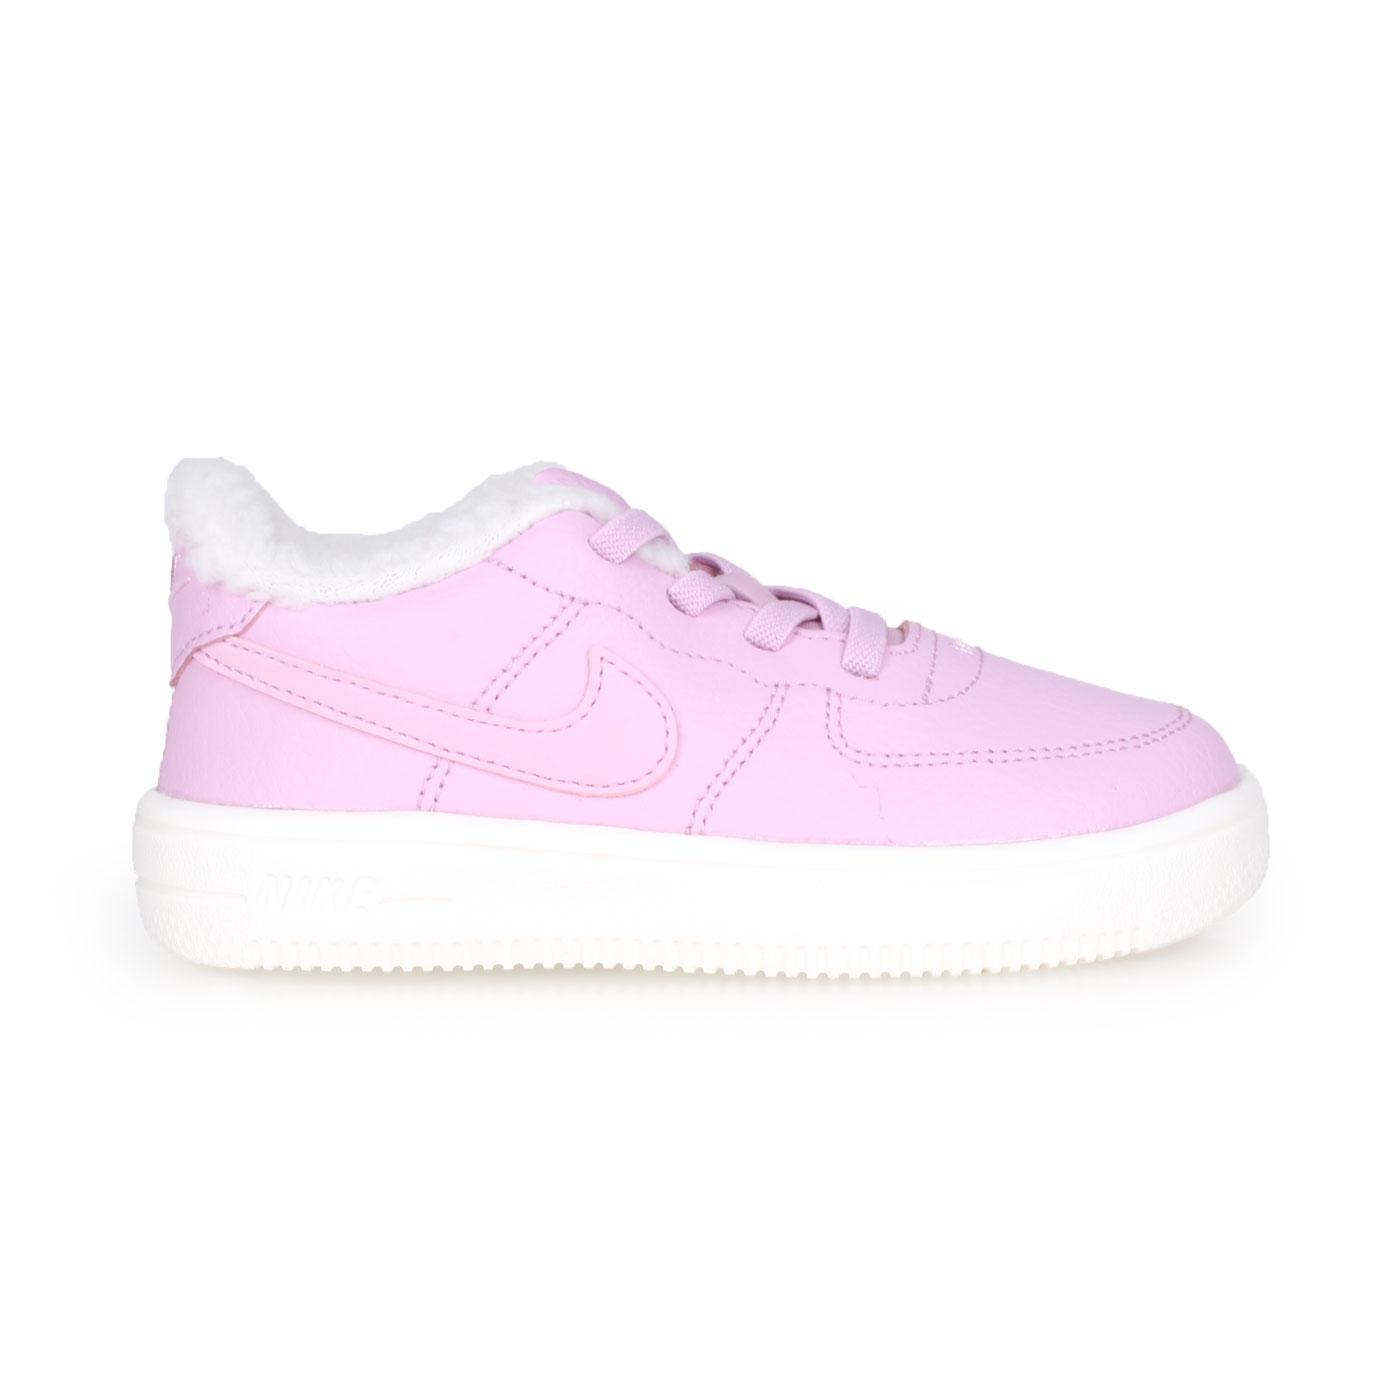 NIKE 兒童運動鞋  @FORCE 1 '18 SE(TD)@AR1134001 - 粉紫白